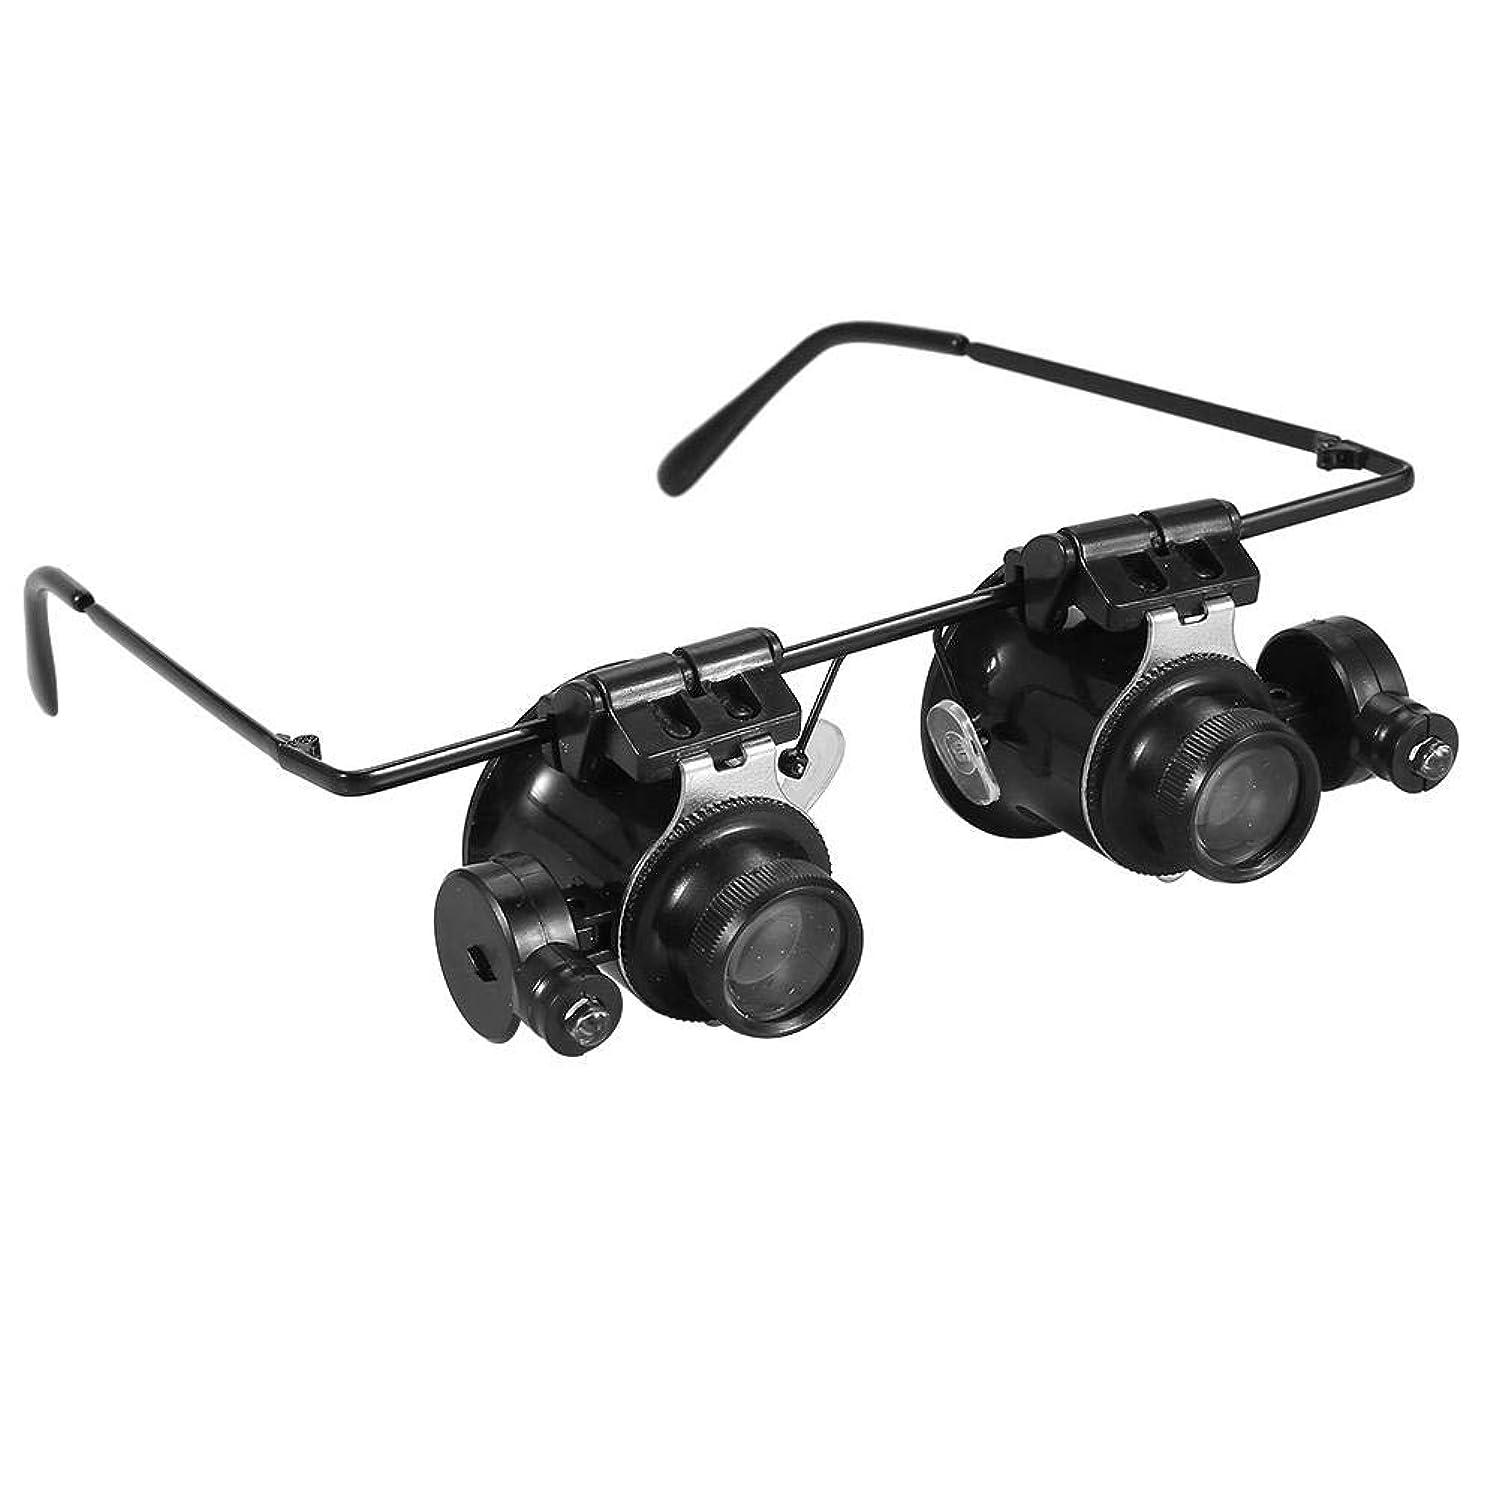 アニメーション控えめな服を片付けるメガネ拡大鏡メガネ20倍拡大鏡宝石商ツールウォッチ修理LEDライトレンズルーペ